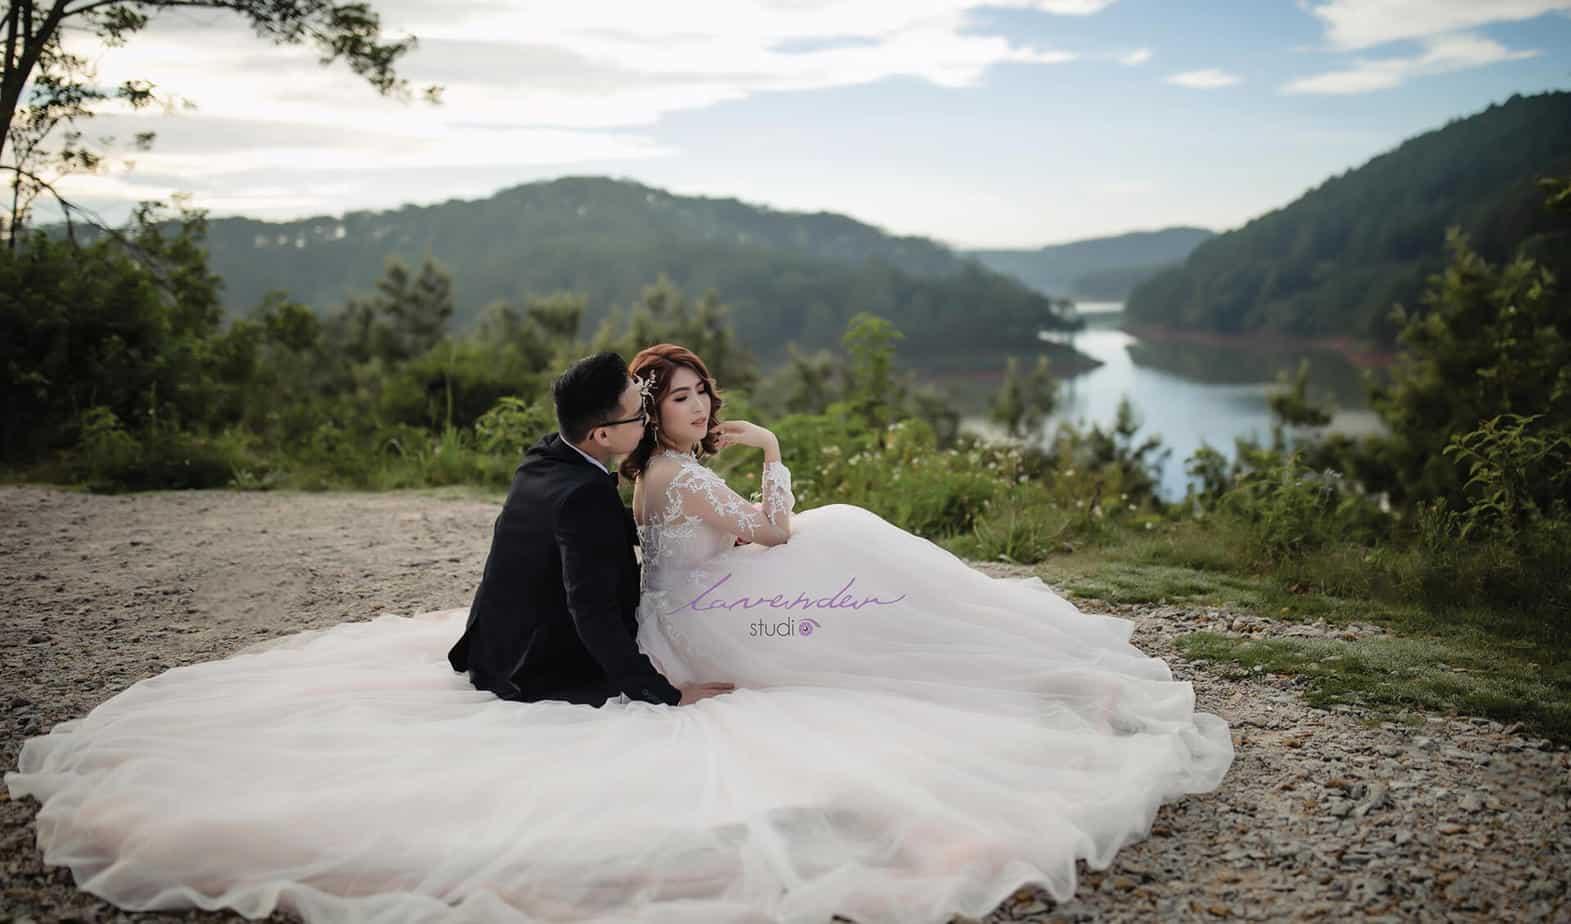 Top 9 Studio Chụp Phóng Sự Cưới Hàng Đầu Việt Nam - studio chụp phóng sự cưới - Boong Wedding | Lá Productions | Lavender Studio 47